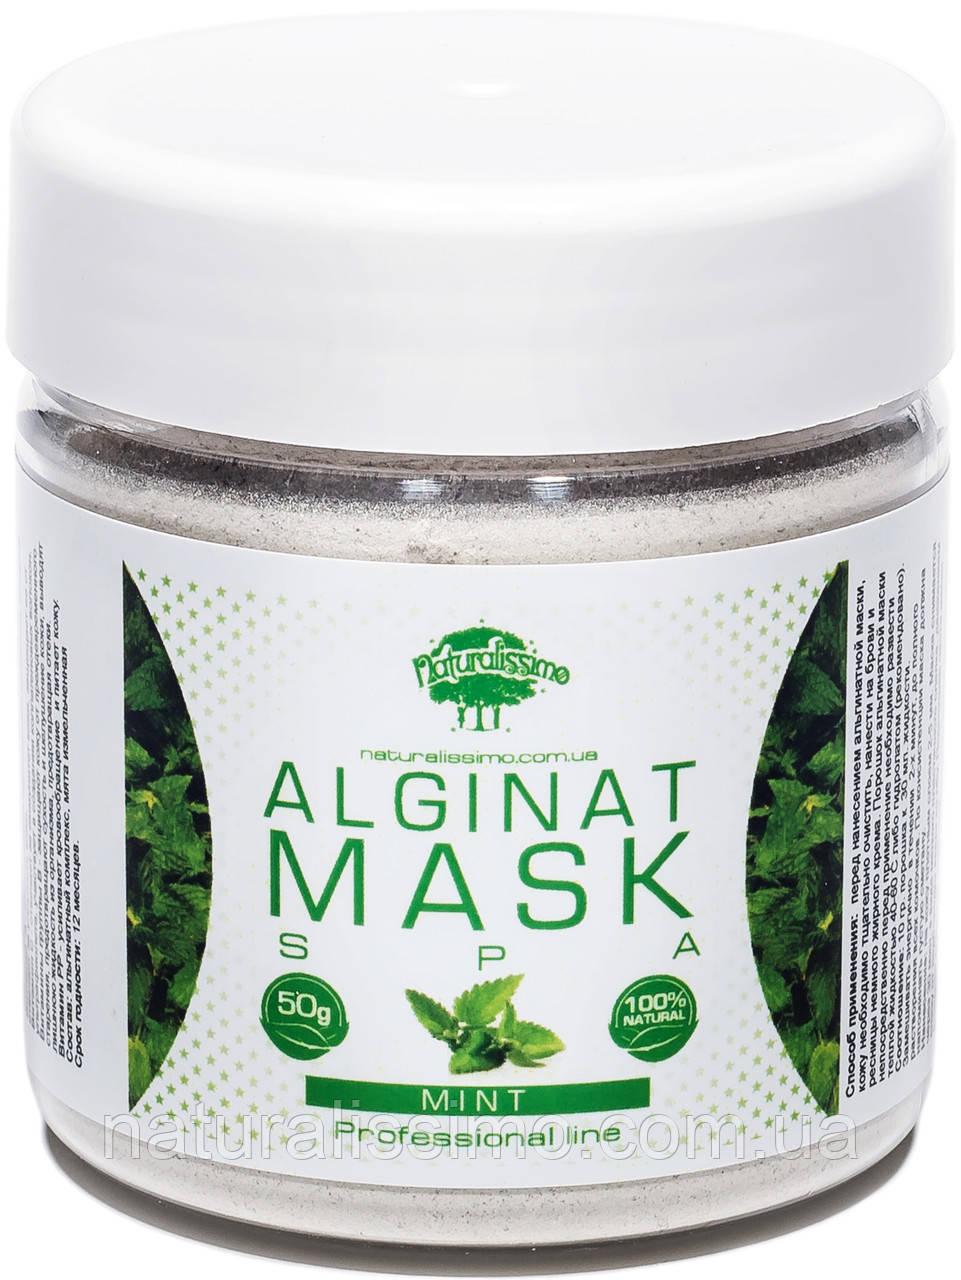 Альгинатная маска с мятой, 50 г